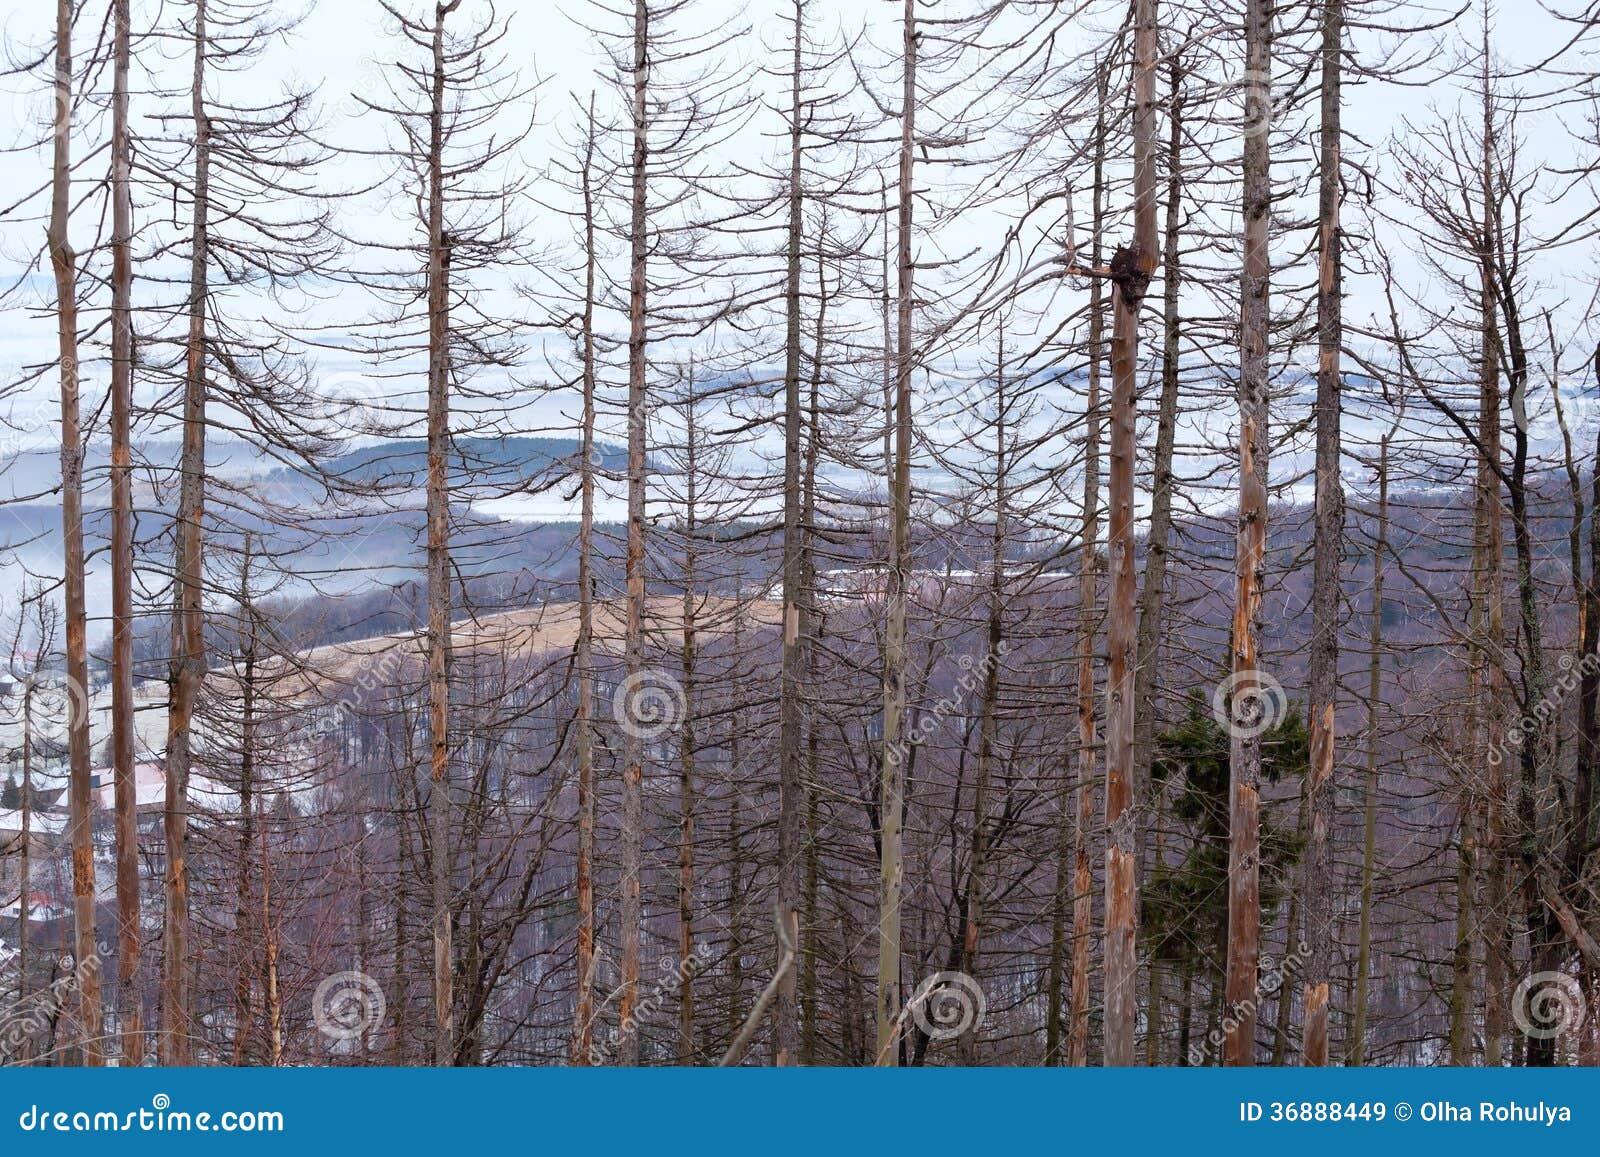 Download Alberi Attillati Asciutti Nella Foresta Di Inverno Immagine Stock - Immagine di esterno, background: 36888449